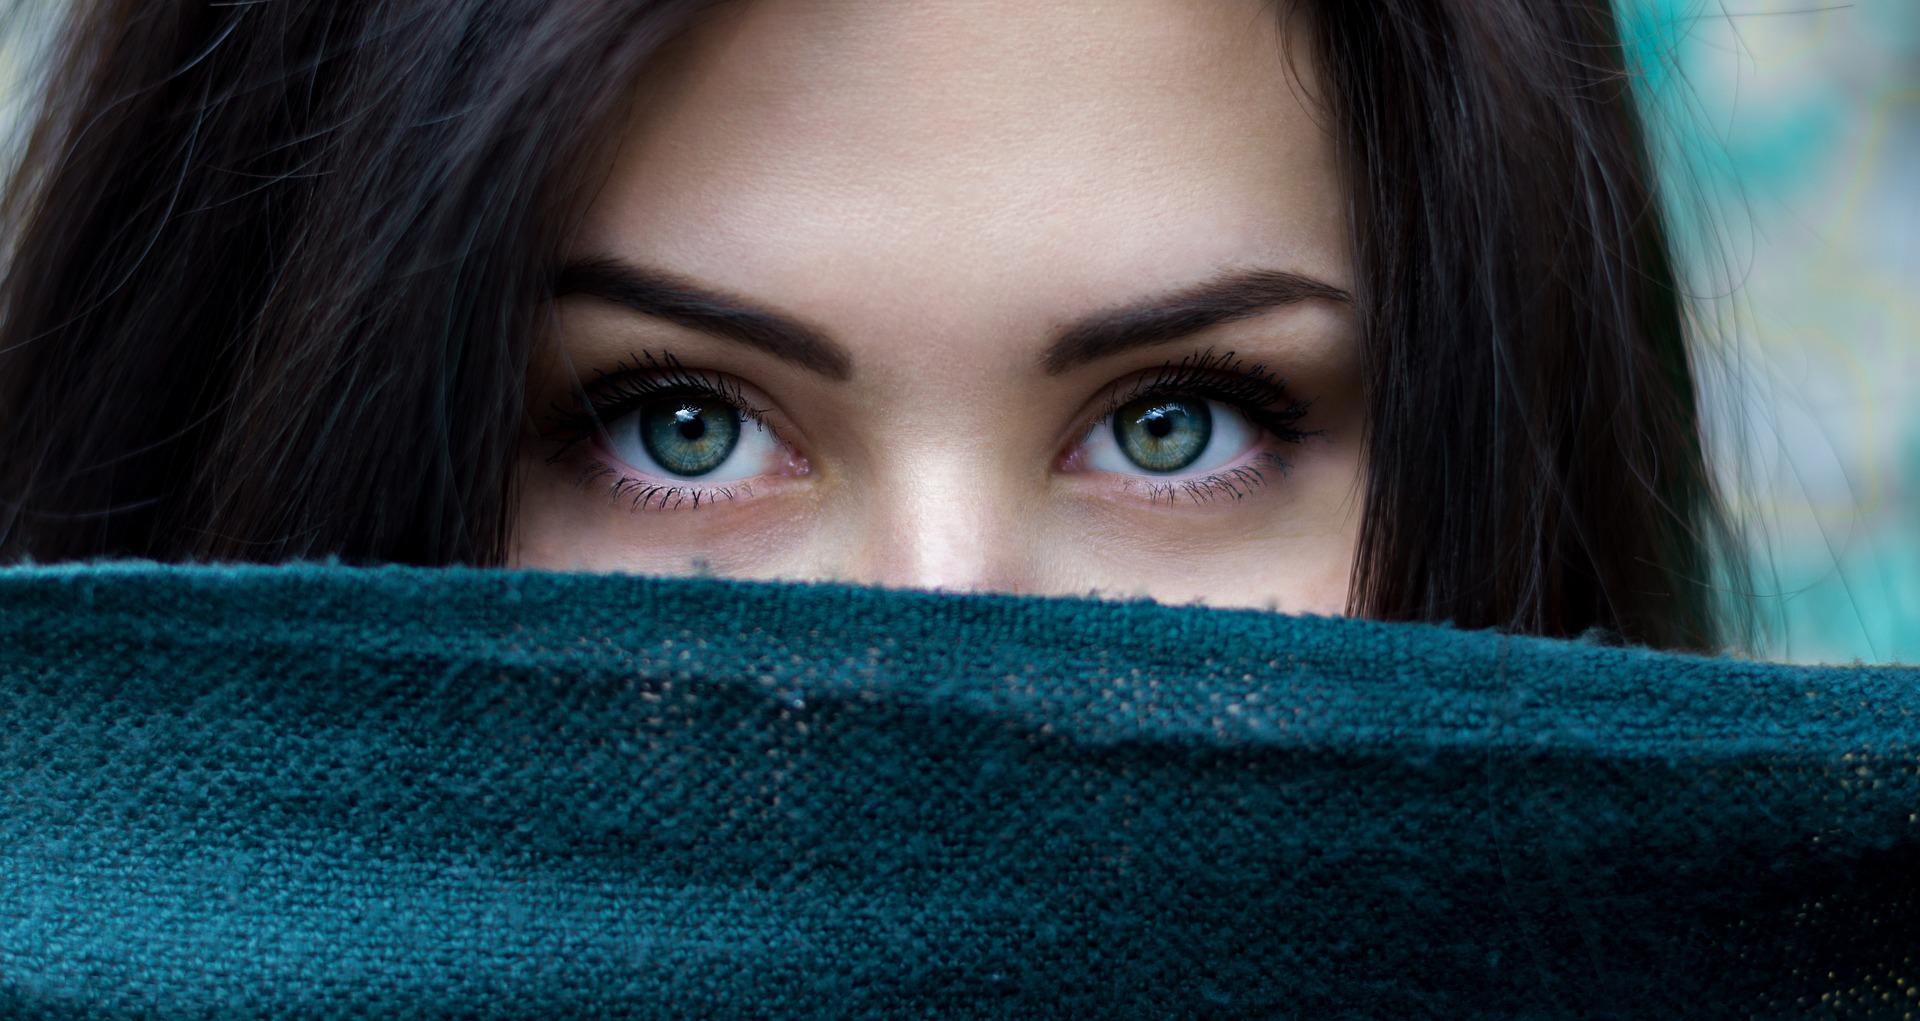 frumusete cu bicarbonat de sodiu - sfatulparintilor.ro - pixabay_com - people-2605526_1920